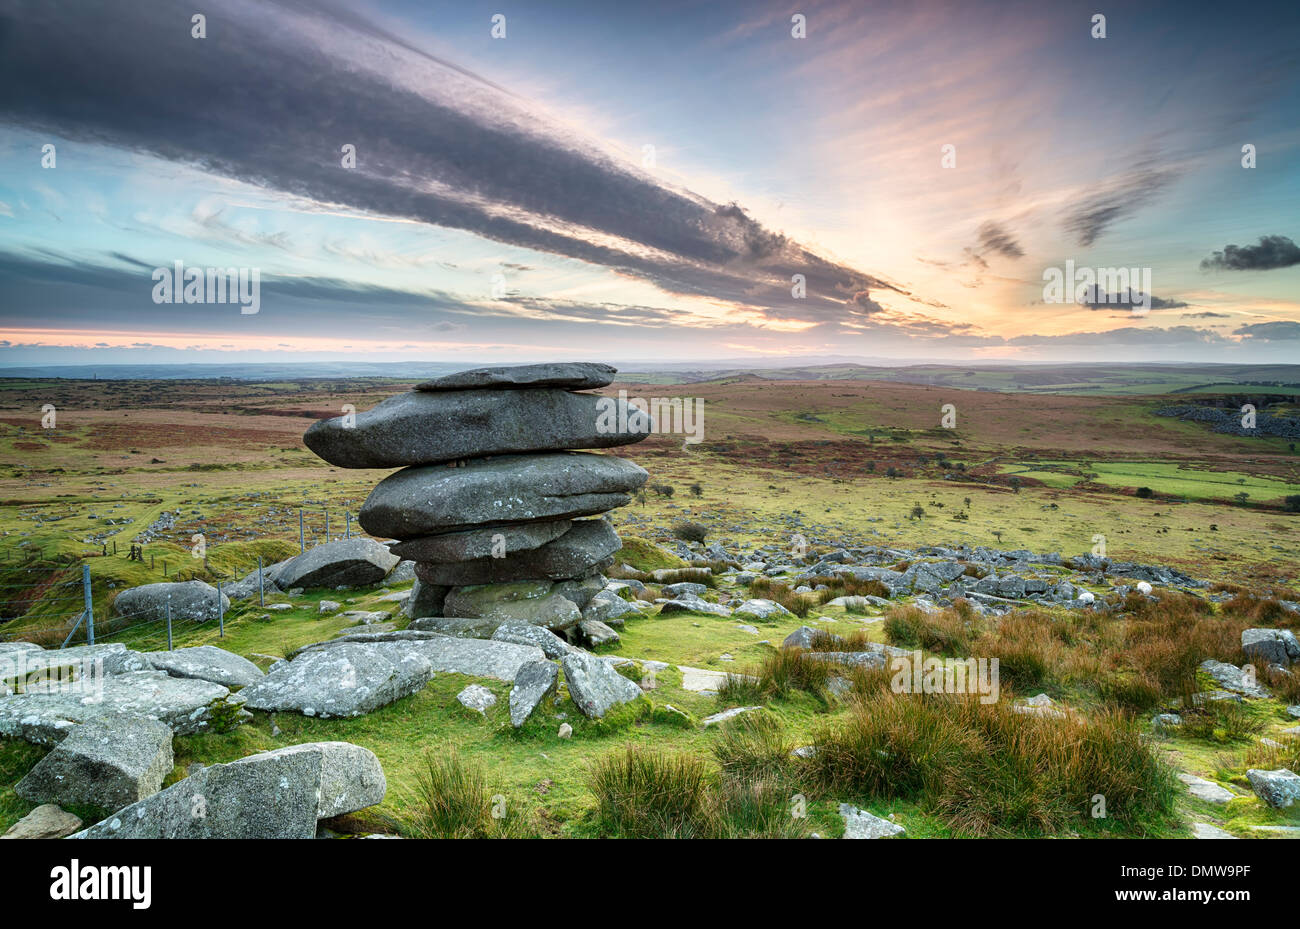 Coucher du soleil à l'Cheesewring sur Bodmin Moor en Cornouailles, une formation rocheuse naturelle composée d'un équilibre précaire granit Photo Stock